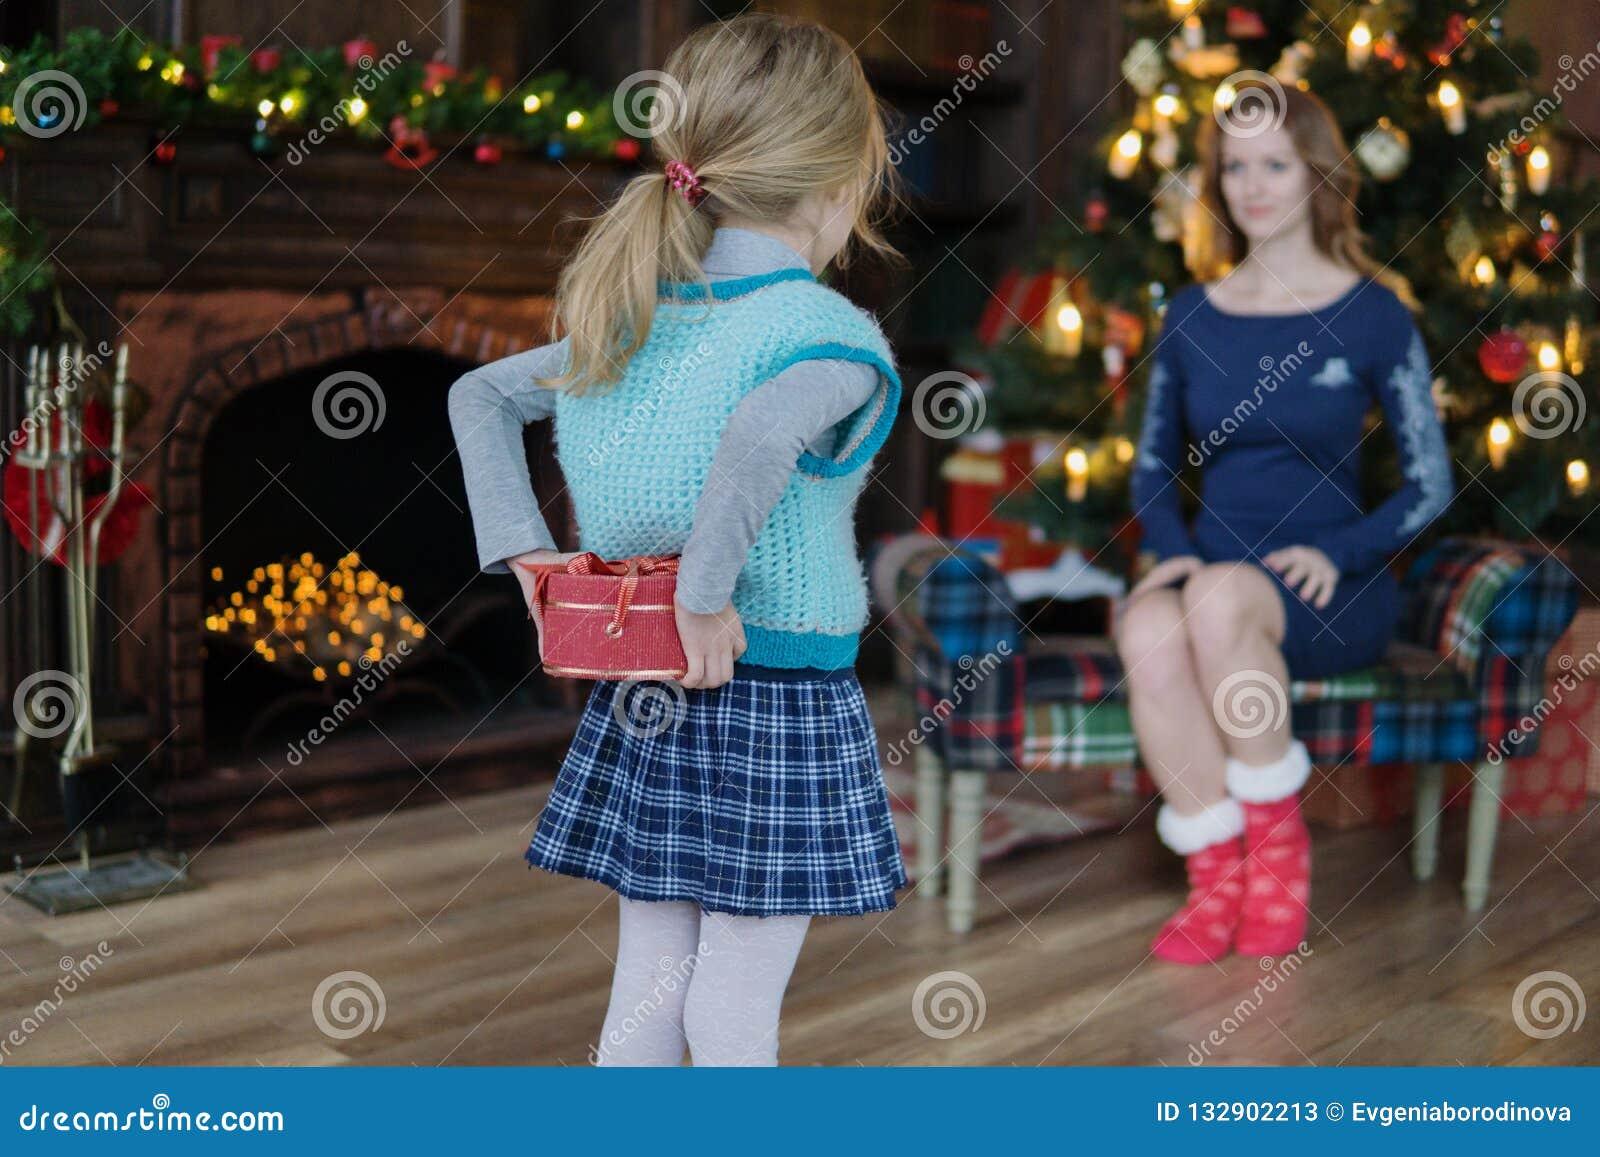 Το μικρό κορίτσι δίνει mom ένα δώρο δίπλα σε ένα χριστουγεννιάτικο δέντρο με ένα χρυσό bokeh